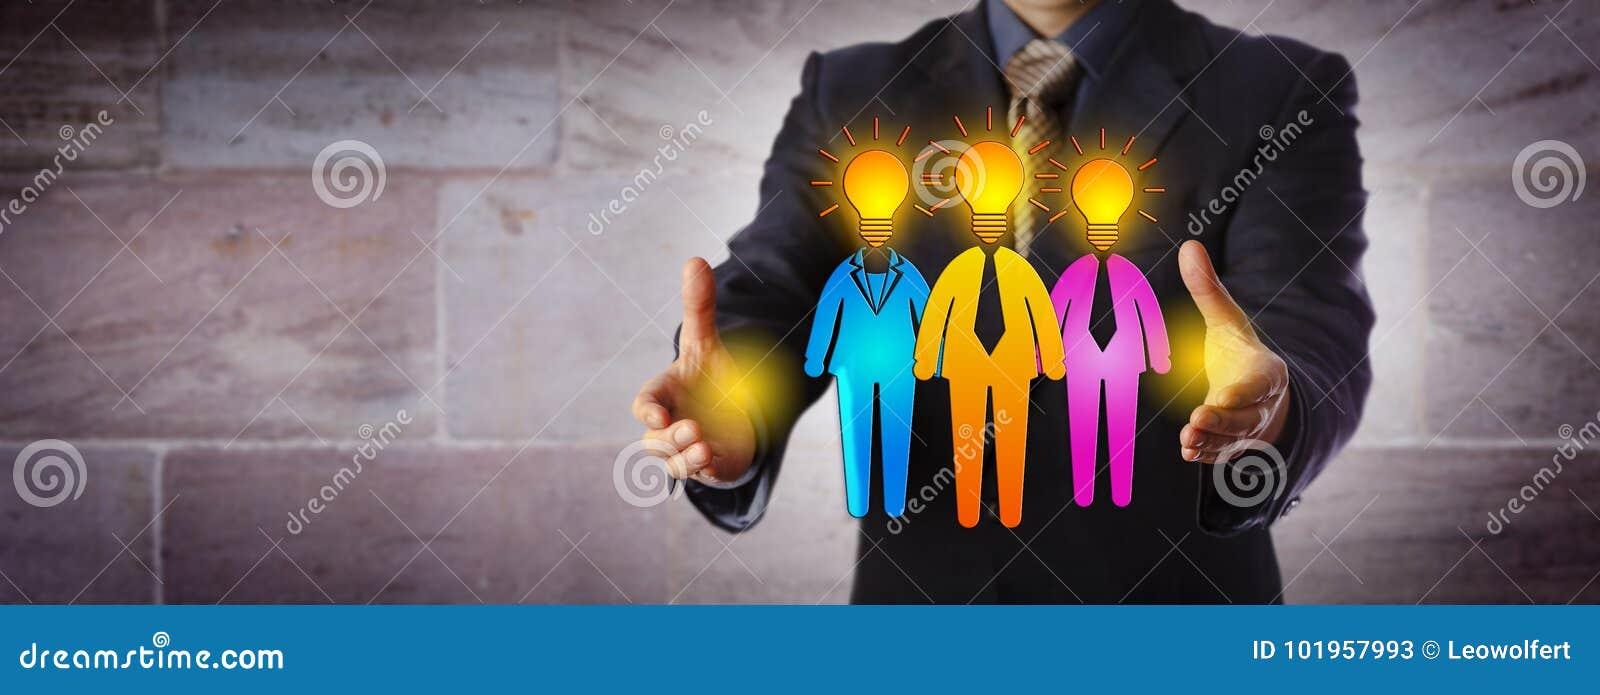 Gerente Forming Winning Work Team Of Three